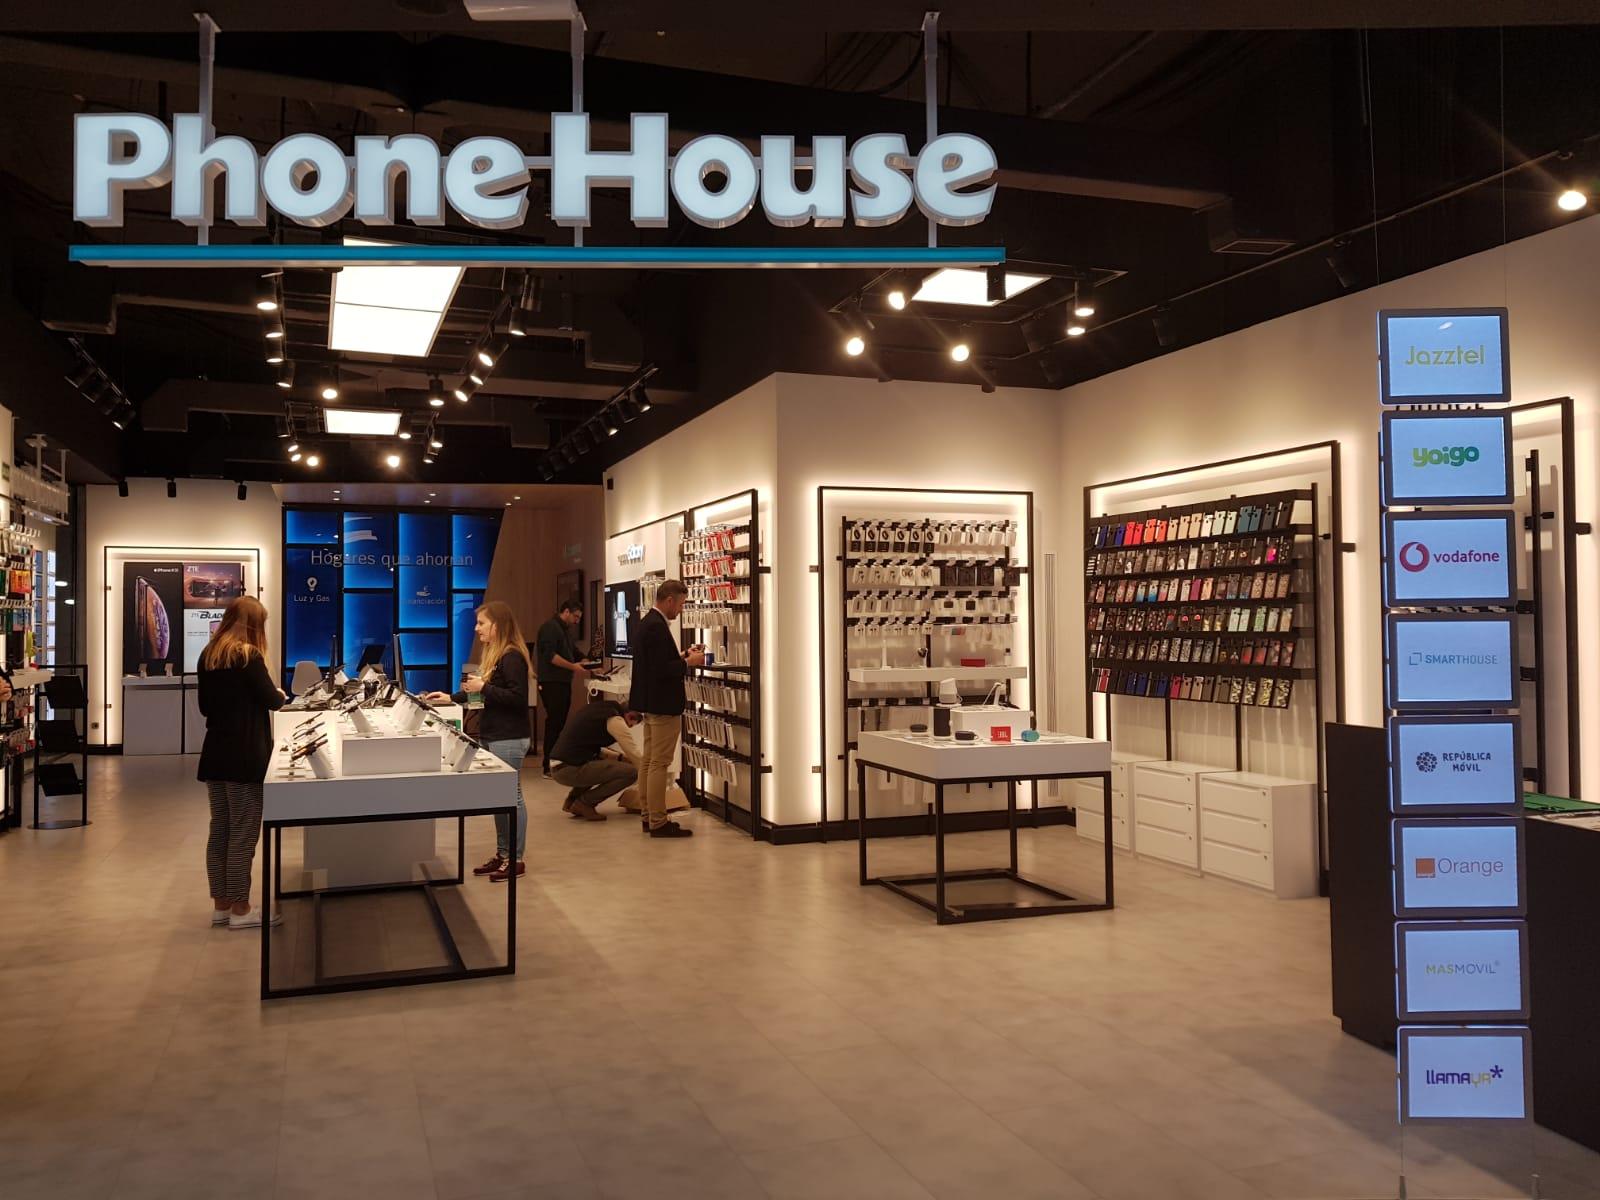 Tienda Phone House Con Nuevo Concepto